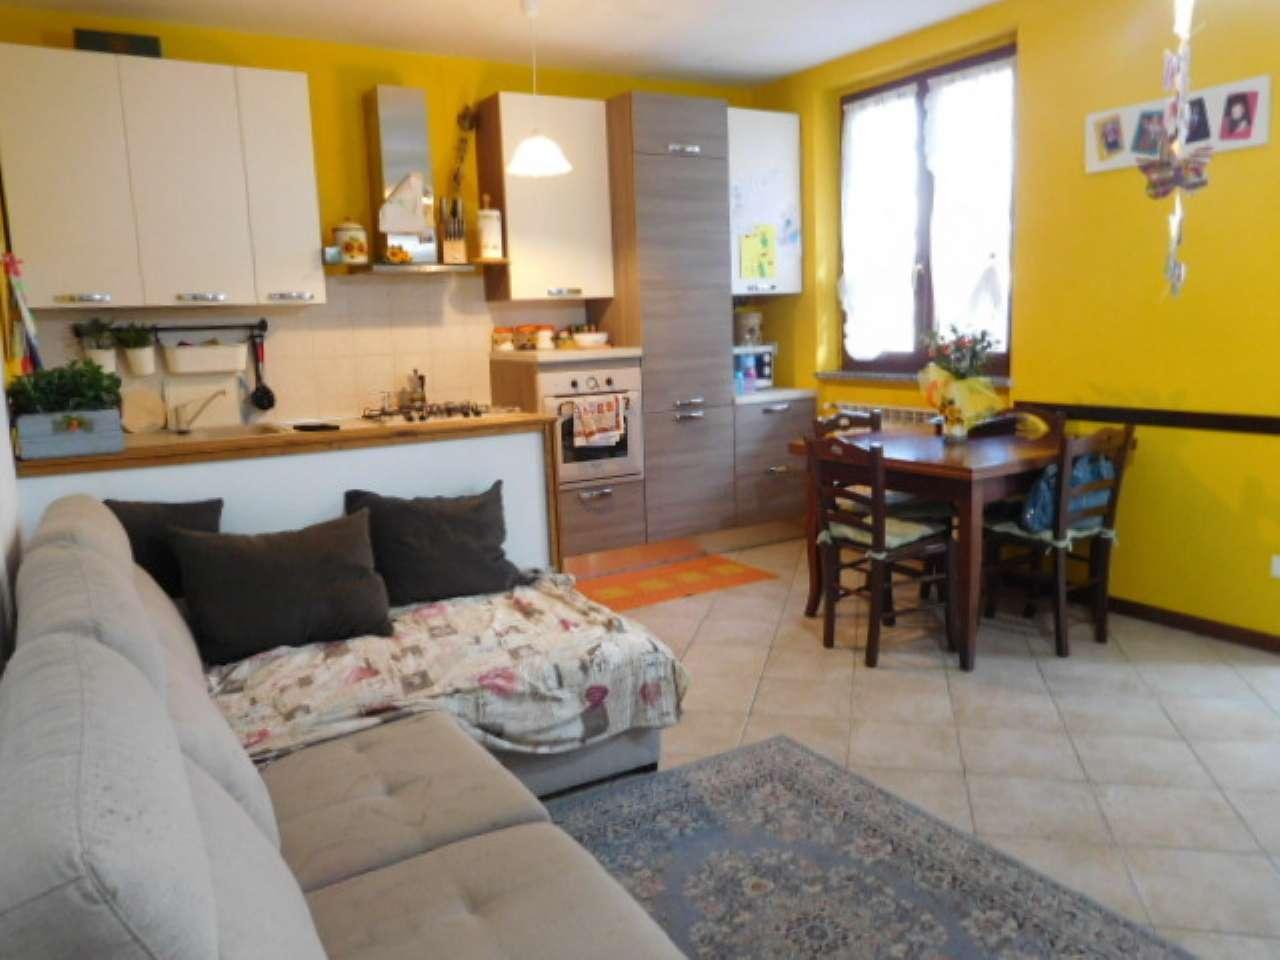 Appartamento in vendita a Marcignago, 3 locali, prezzo € 112.000 | CambioCasa.it